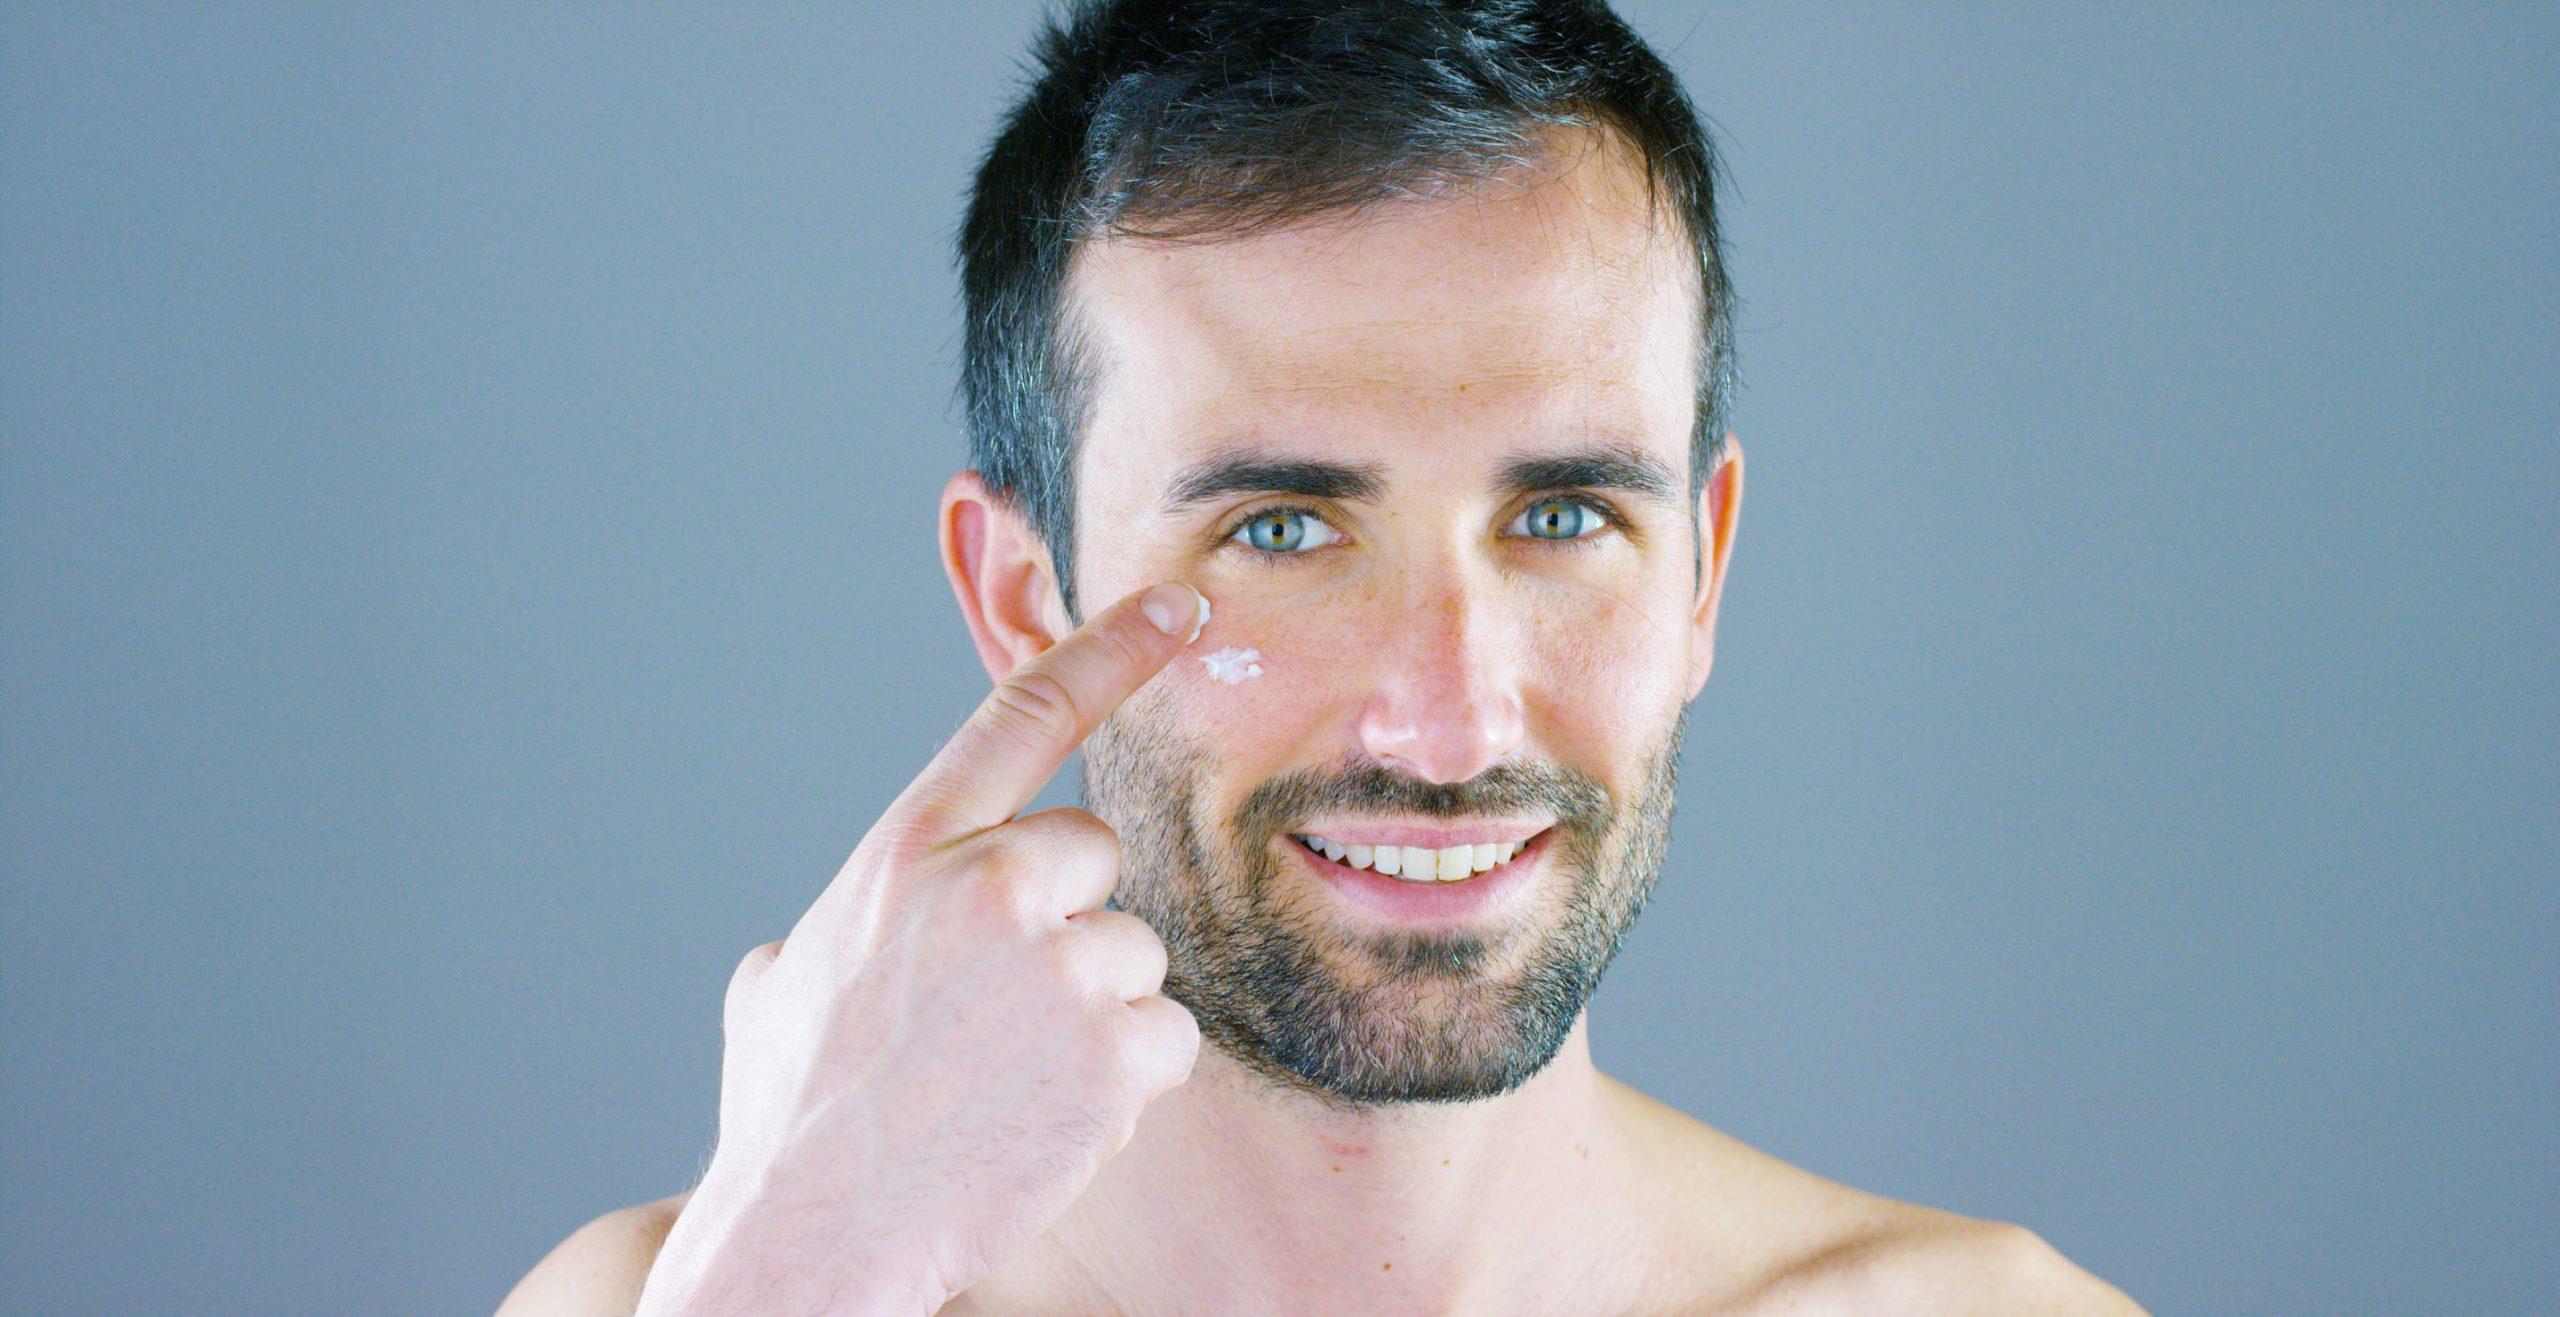 Contorno de ojos para hombre: ¿Cuáles son los mejores del 2020?